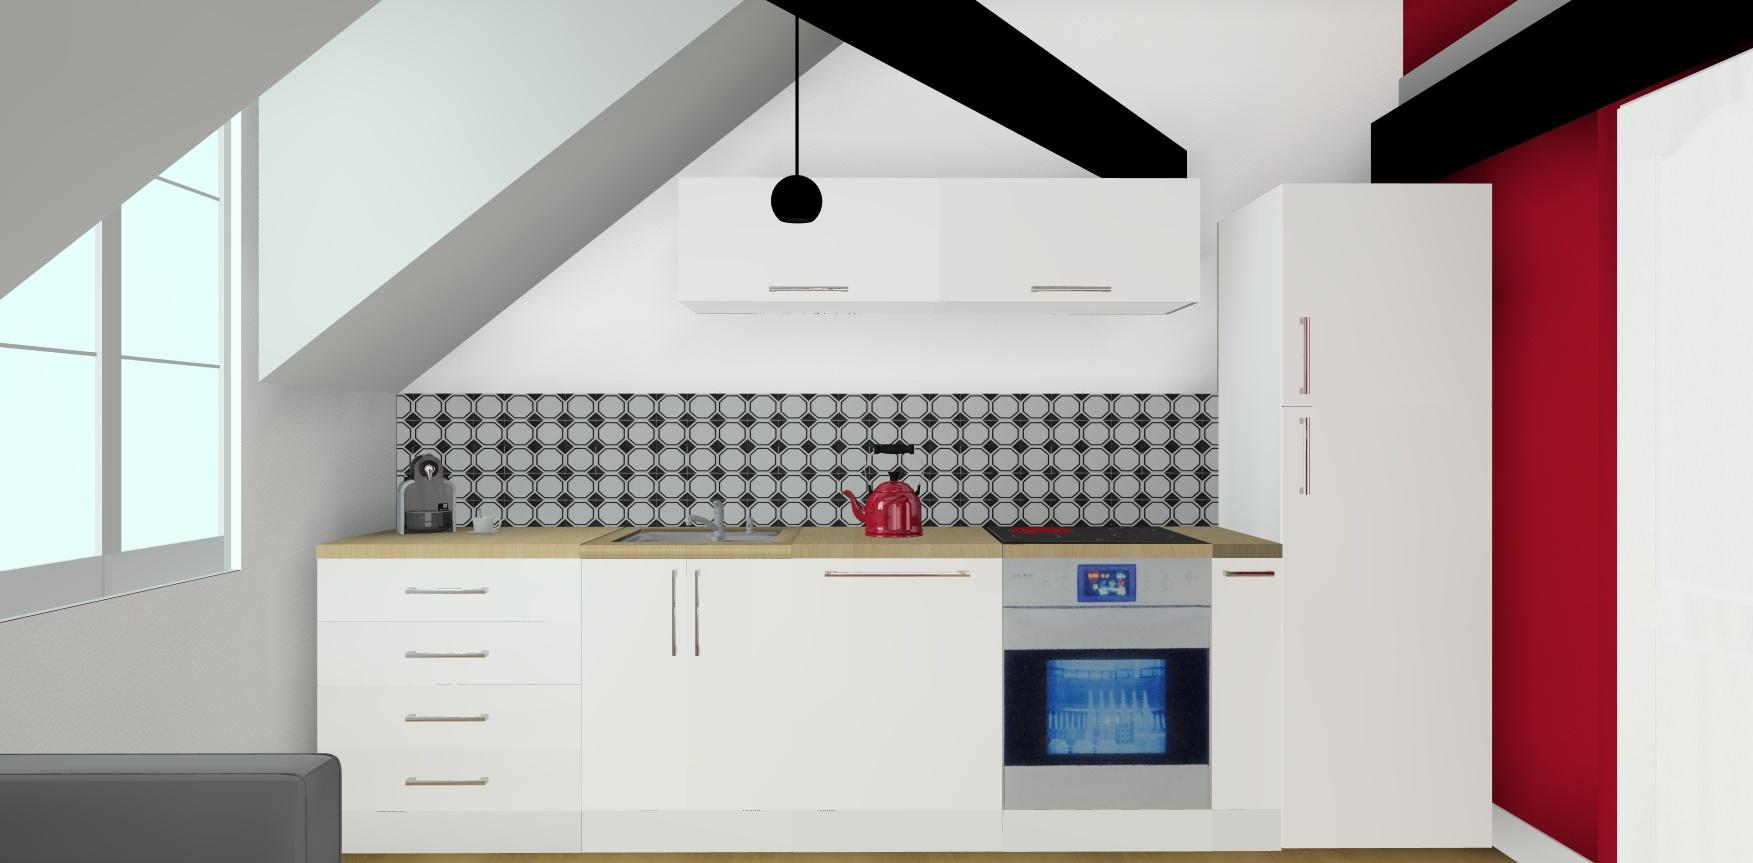 simulation 3D cuisine blanche et noire avec une touche de rouge cerise